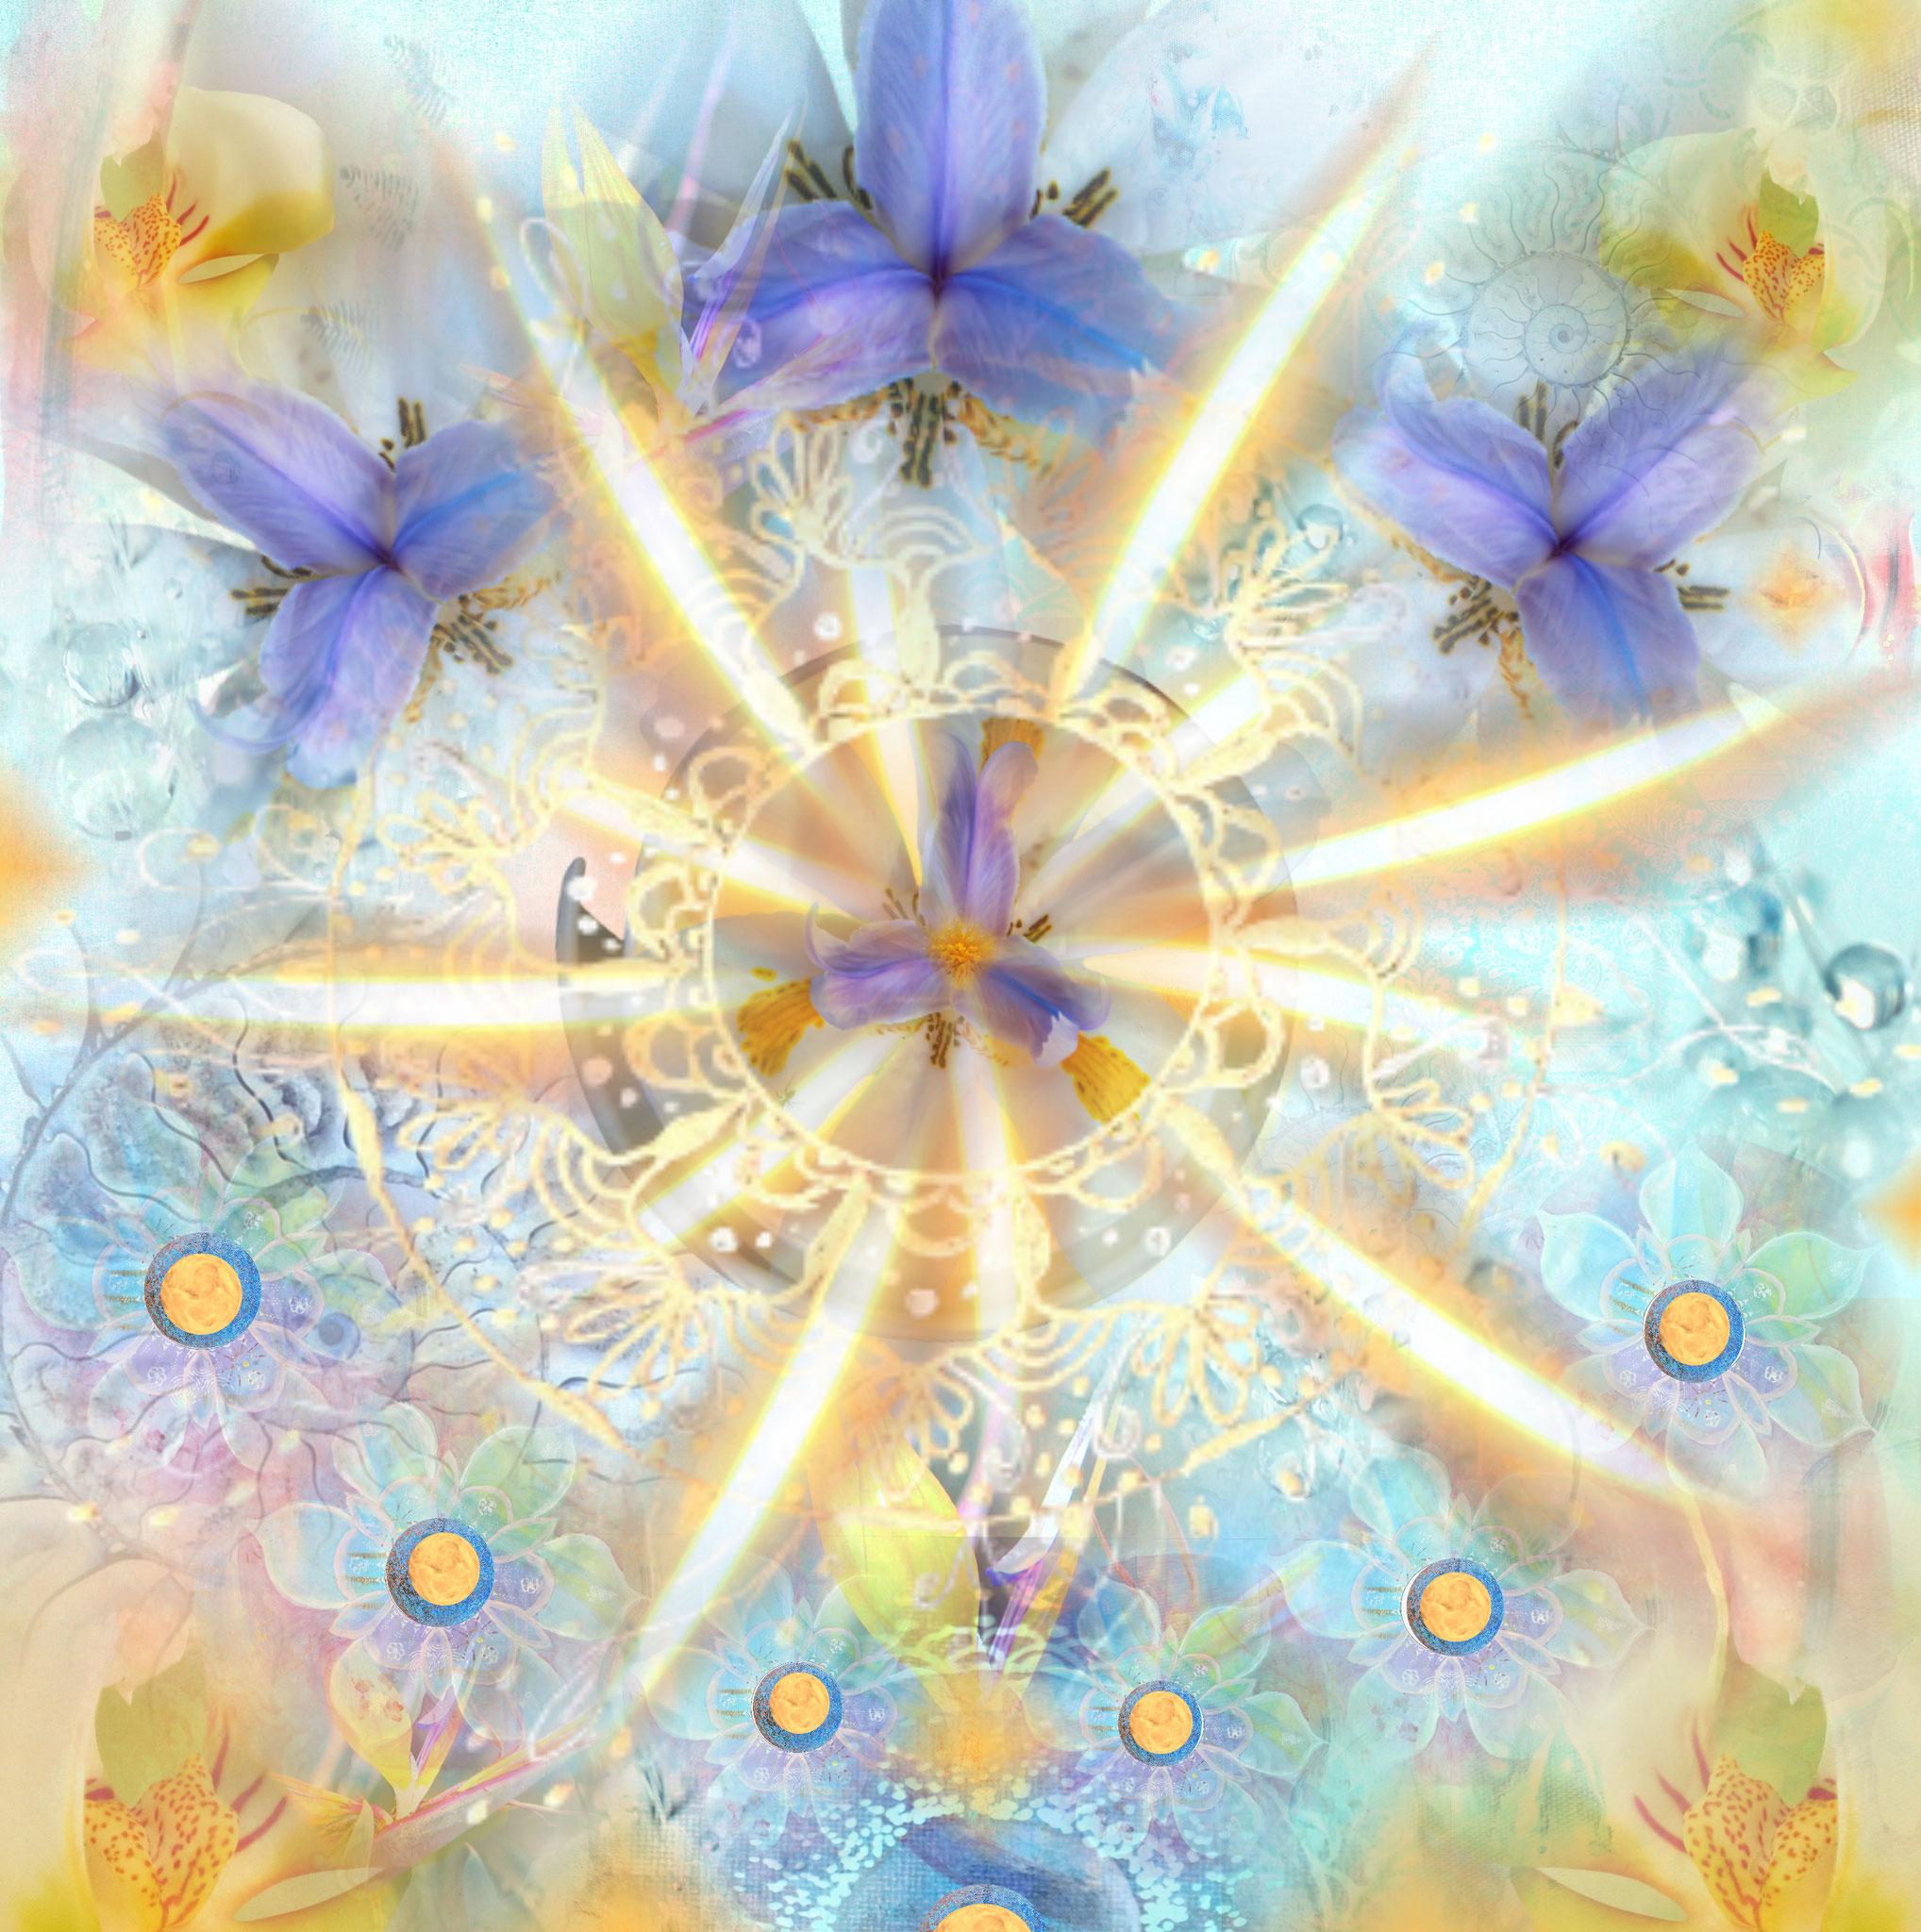 Duft der Licht-Blüte